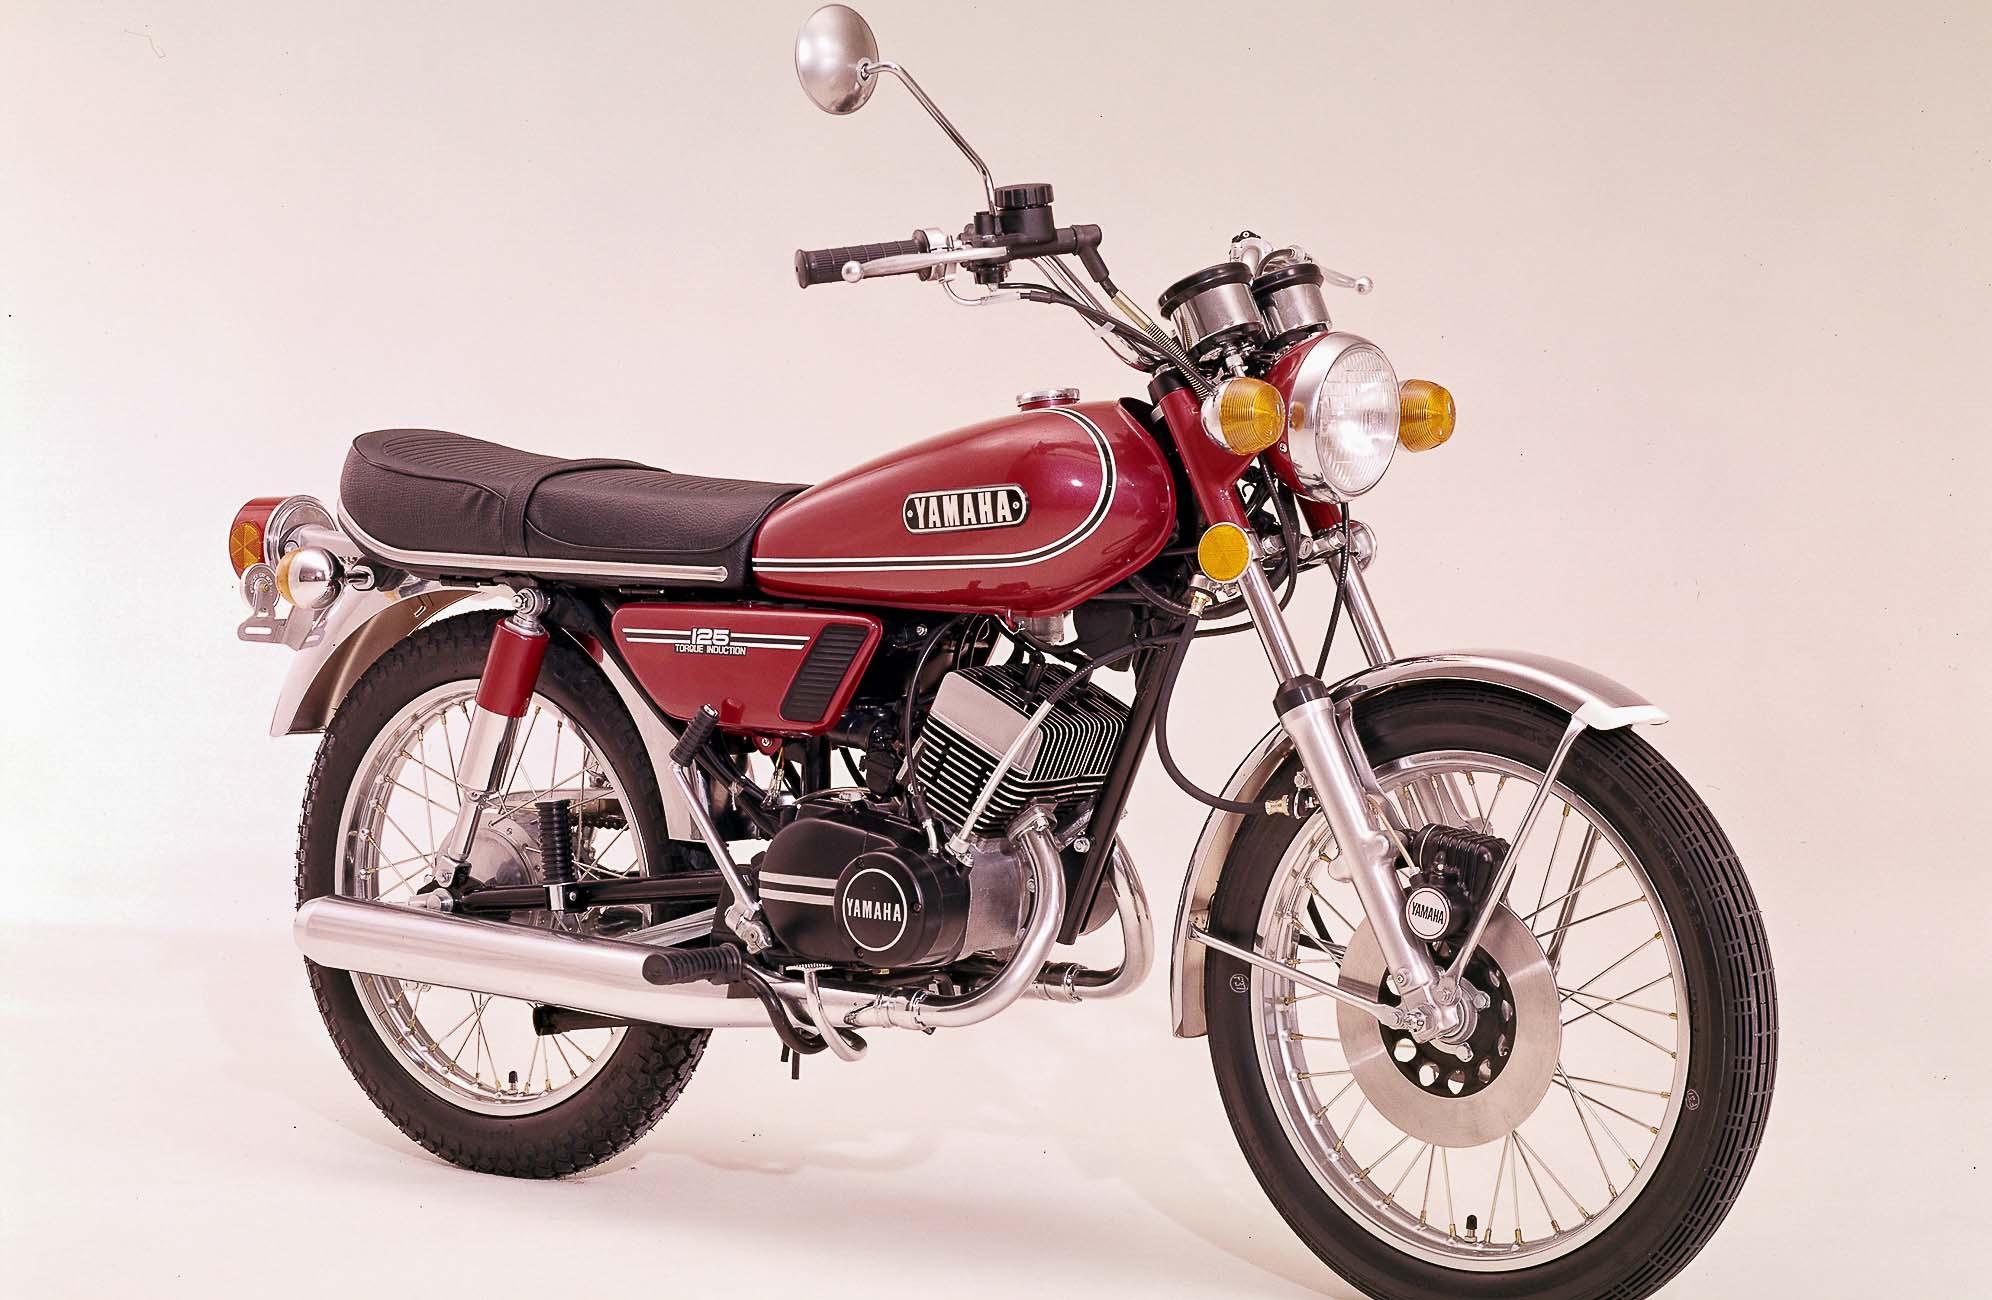 YAMAHA RD 125 (1973 - 1978)